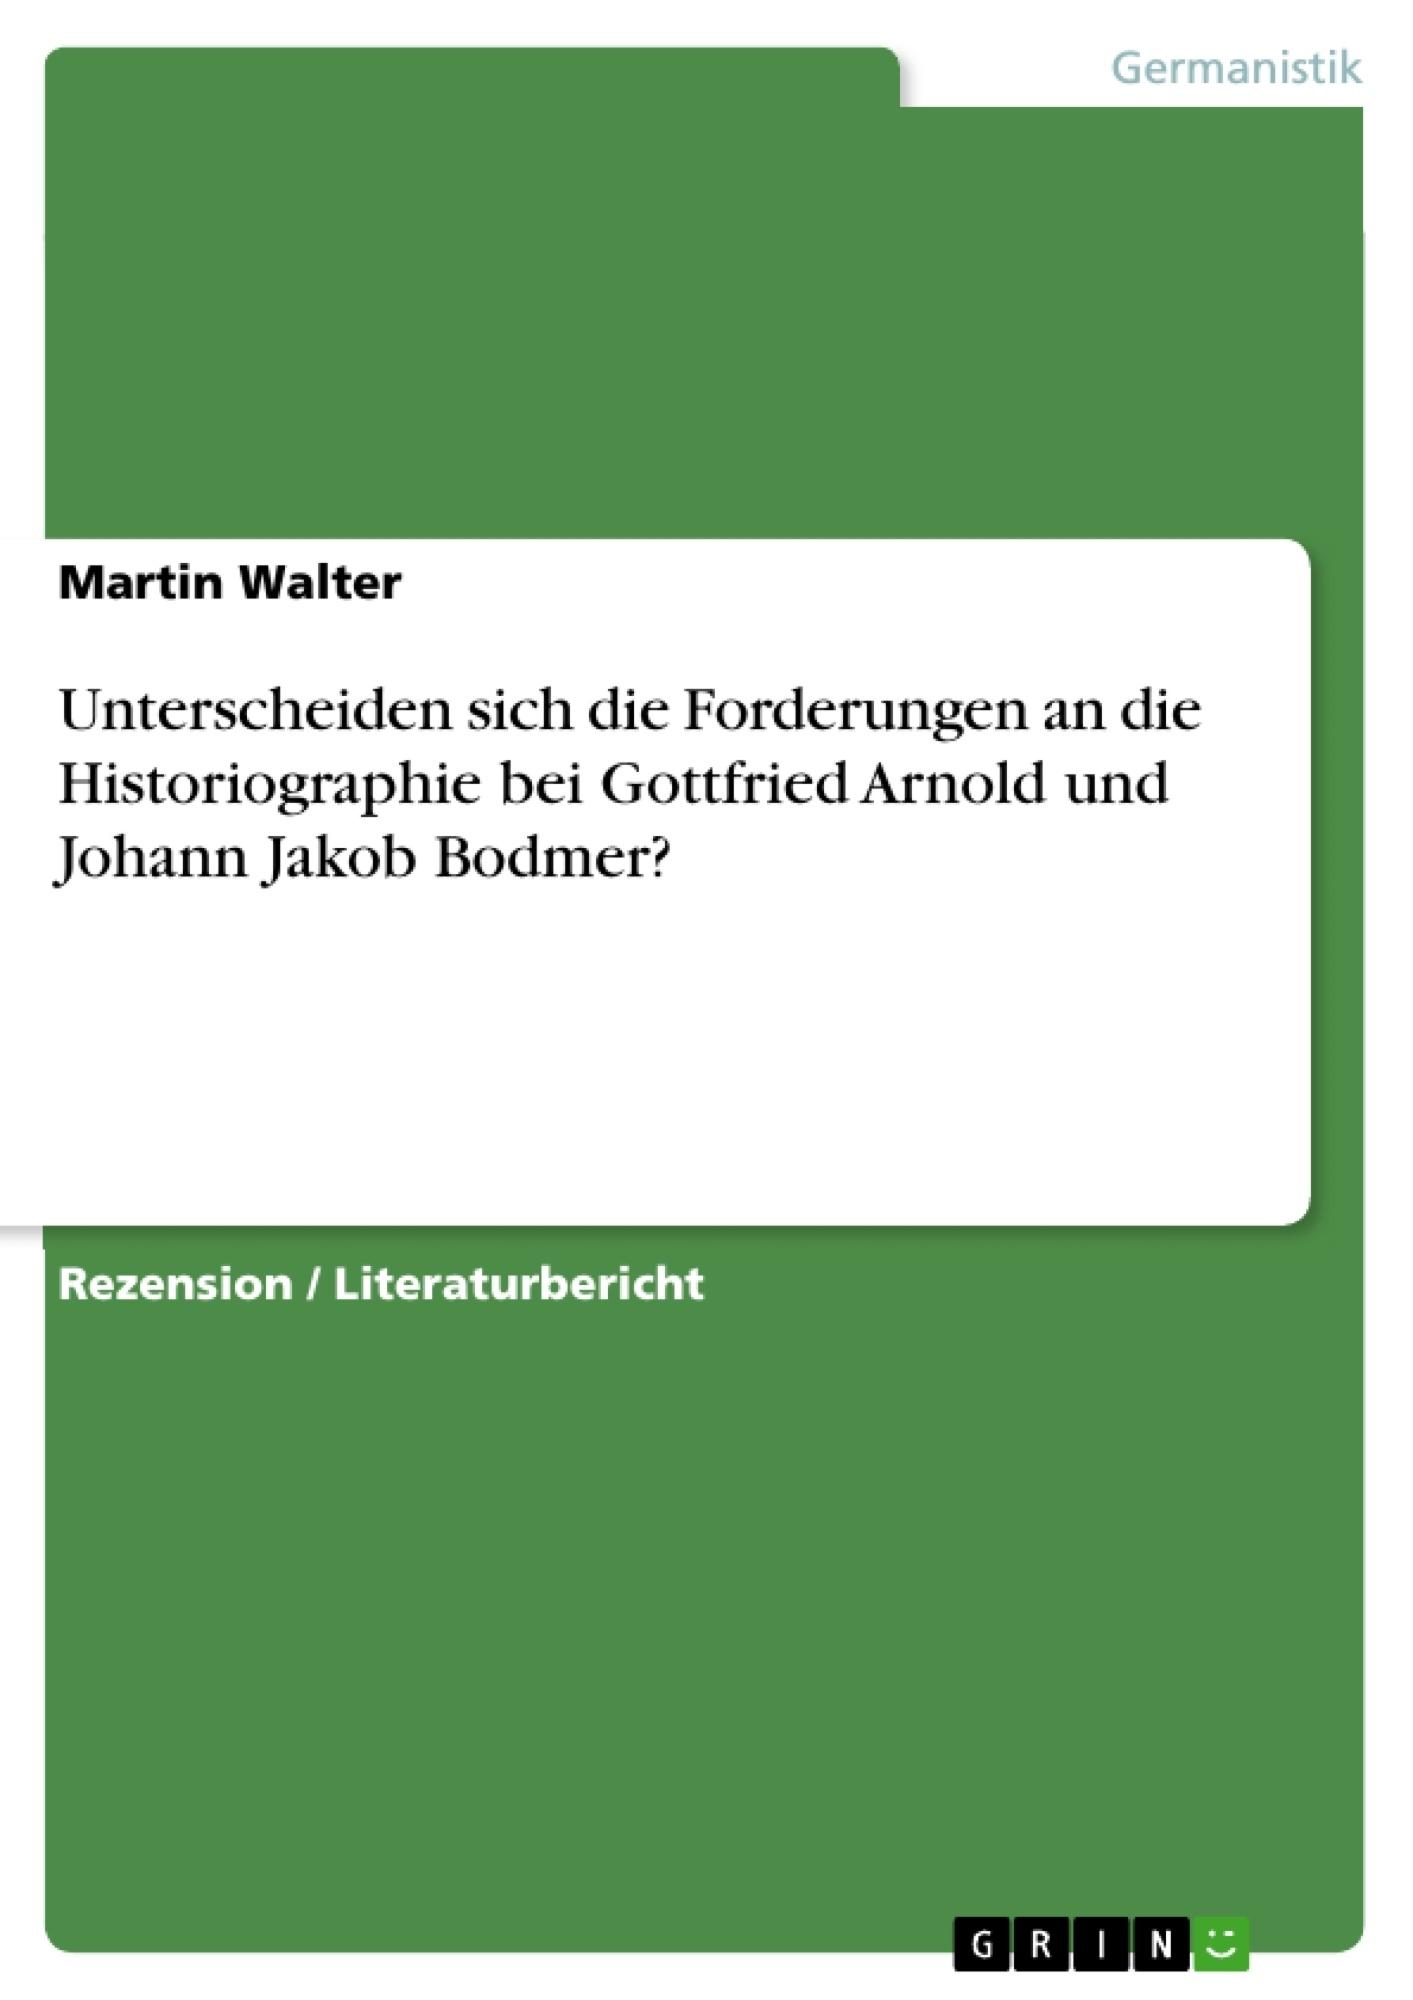 Titel: Unterscheiden sich die Forderungen an die Historiographie bei Gottfried Arnold und Johann Jakob Bodmer?